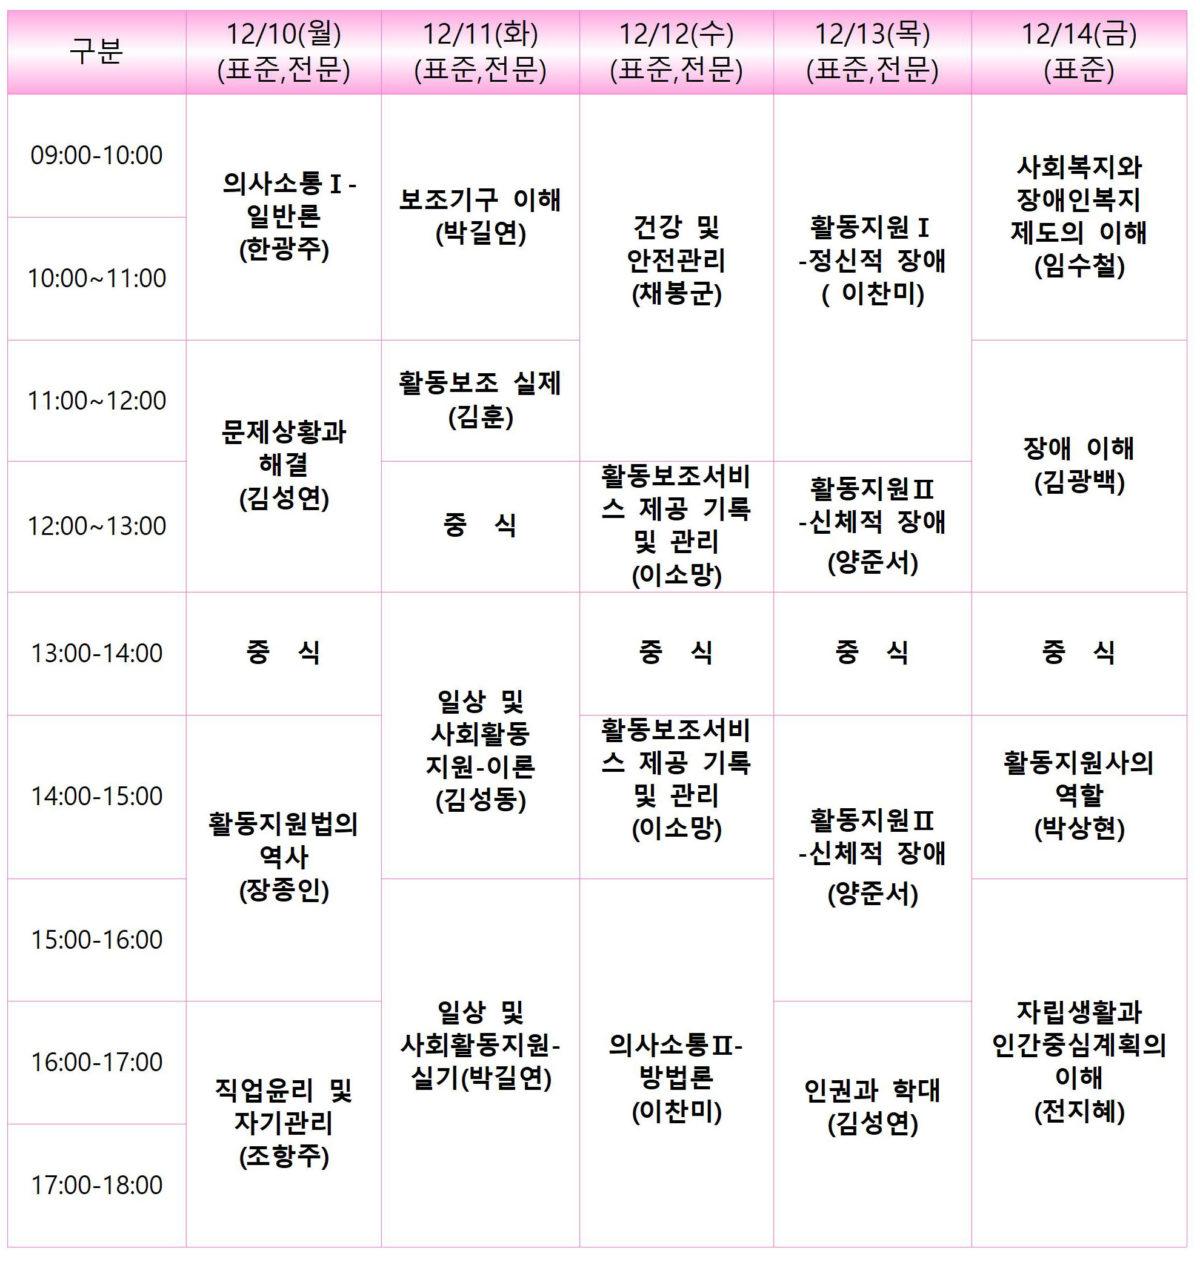 2018년 표준·전문 5차 활동지원사 강의시간표